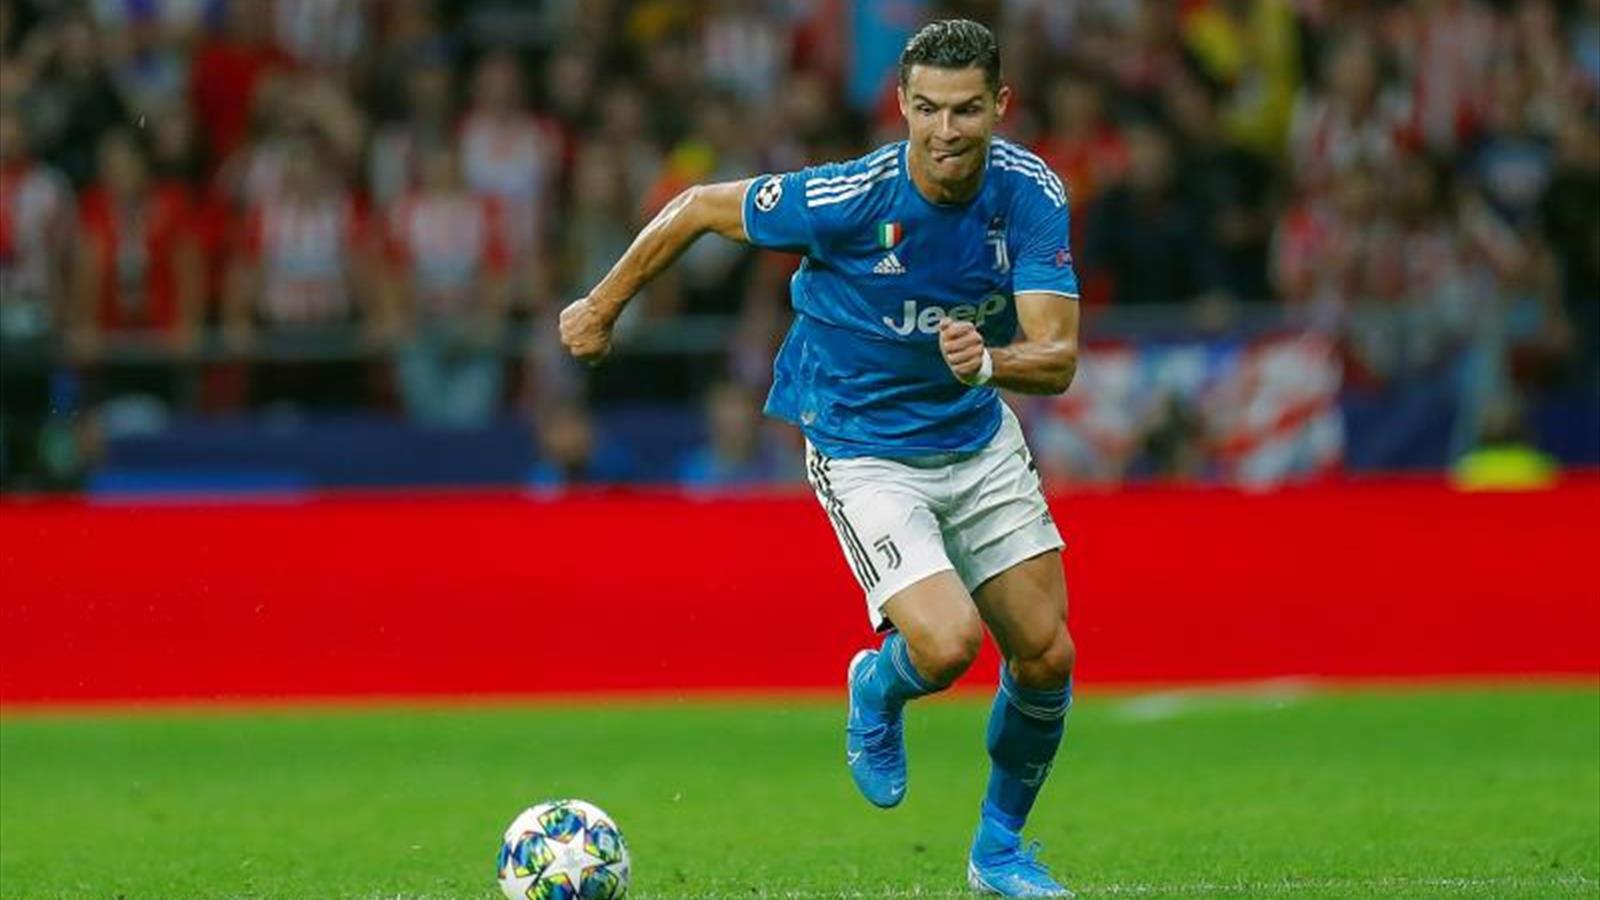 Cristiano, con ganas de reivindicarse - Champions League 2019-2020 - Fútbol - Eurosport